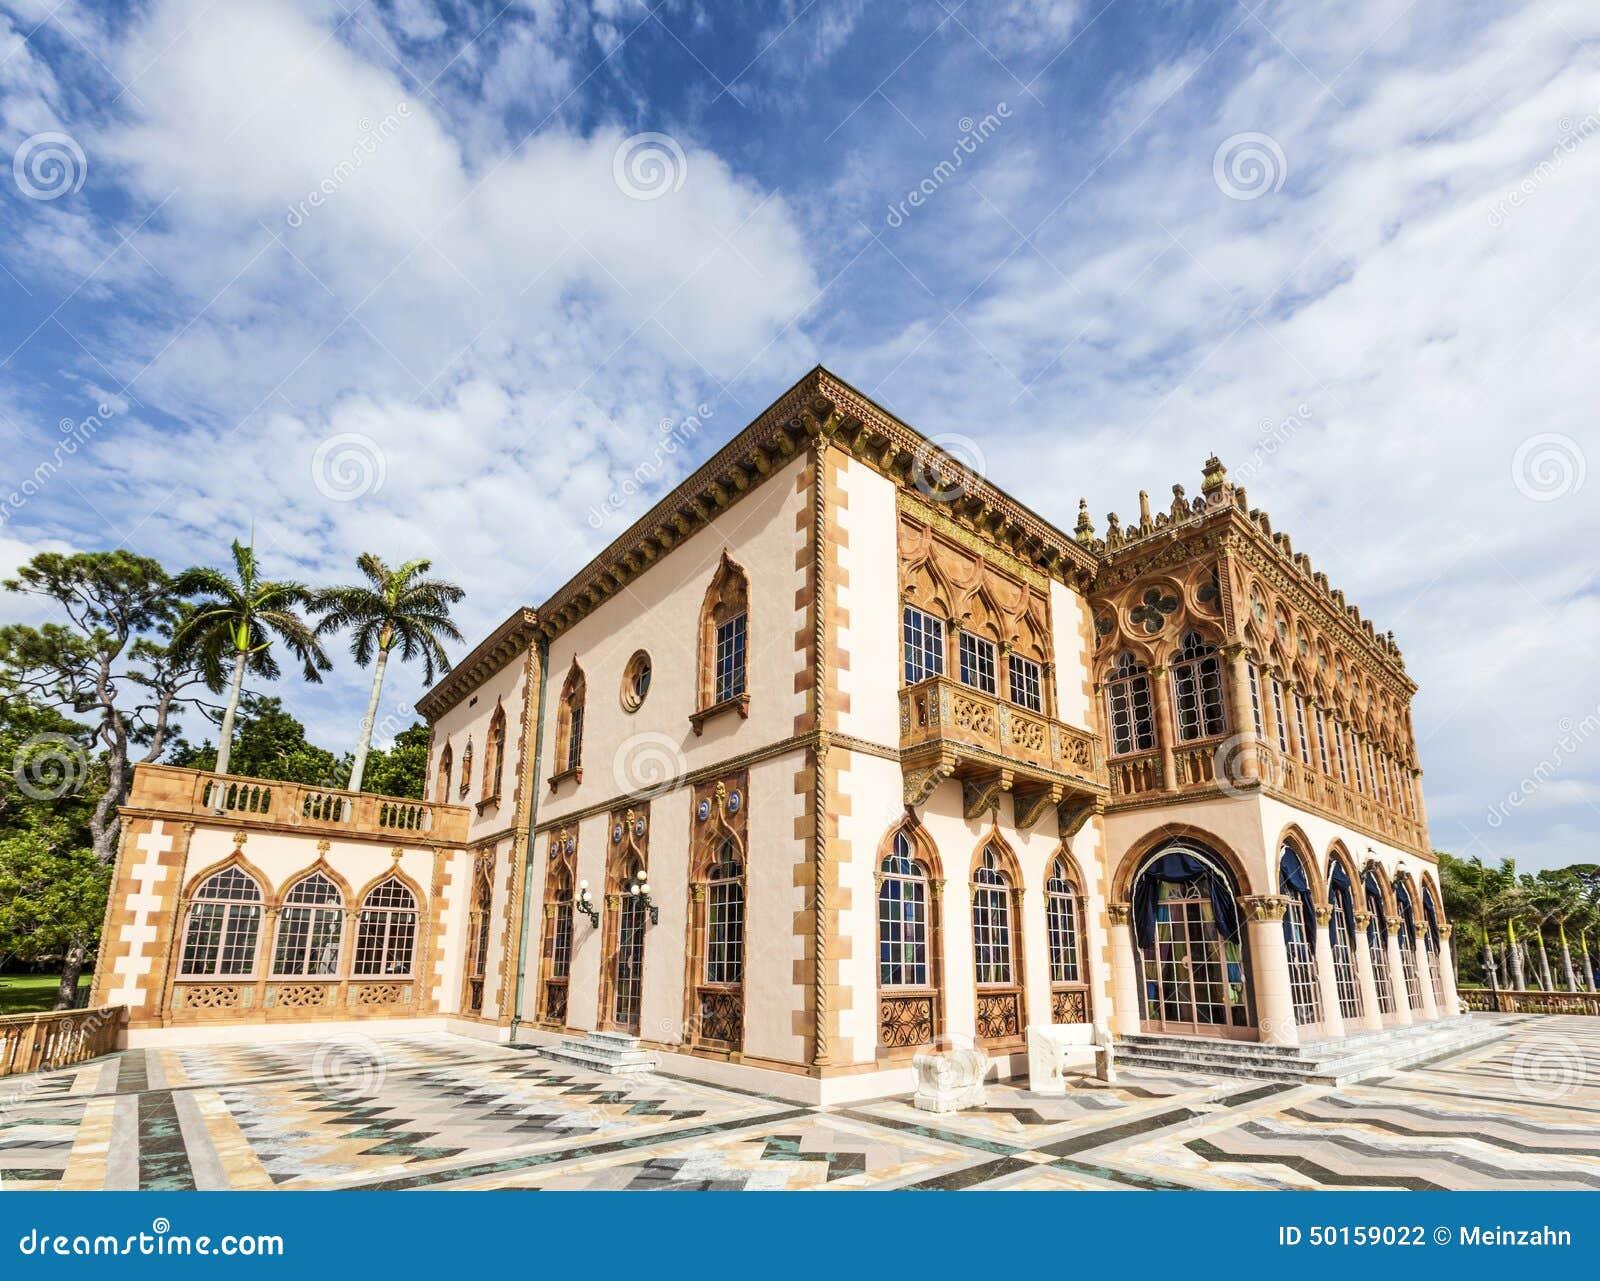 Ca D 39 Zan Is An Elaborate Venetian Style Villa Modeled In